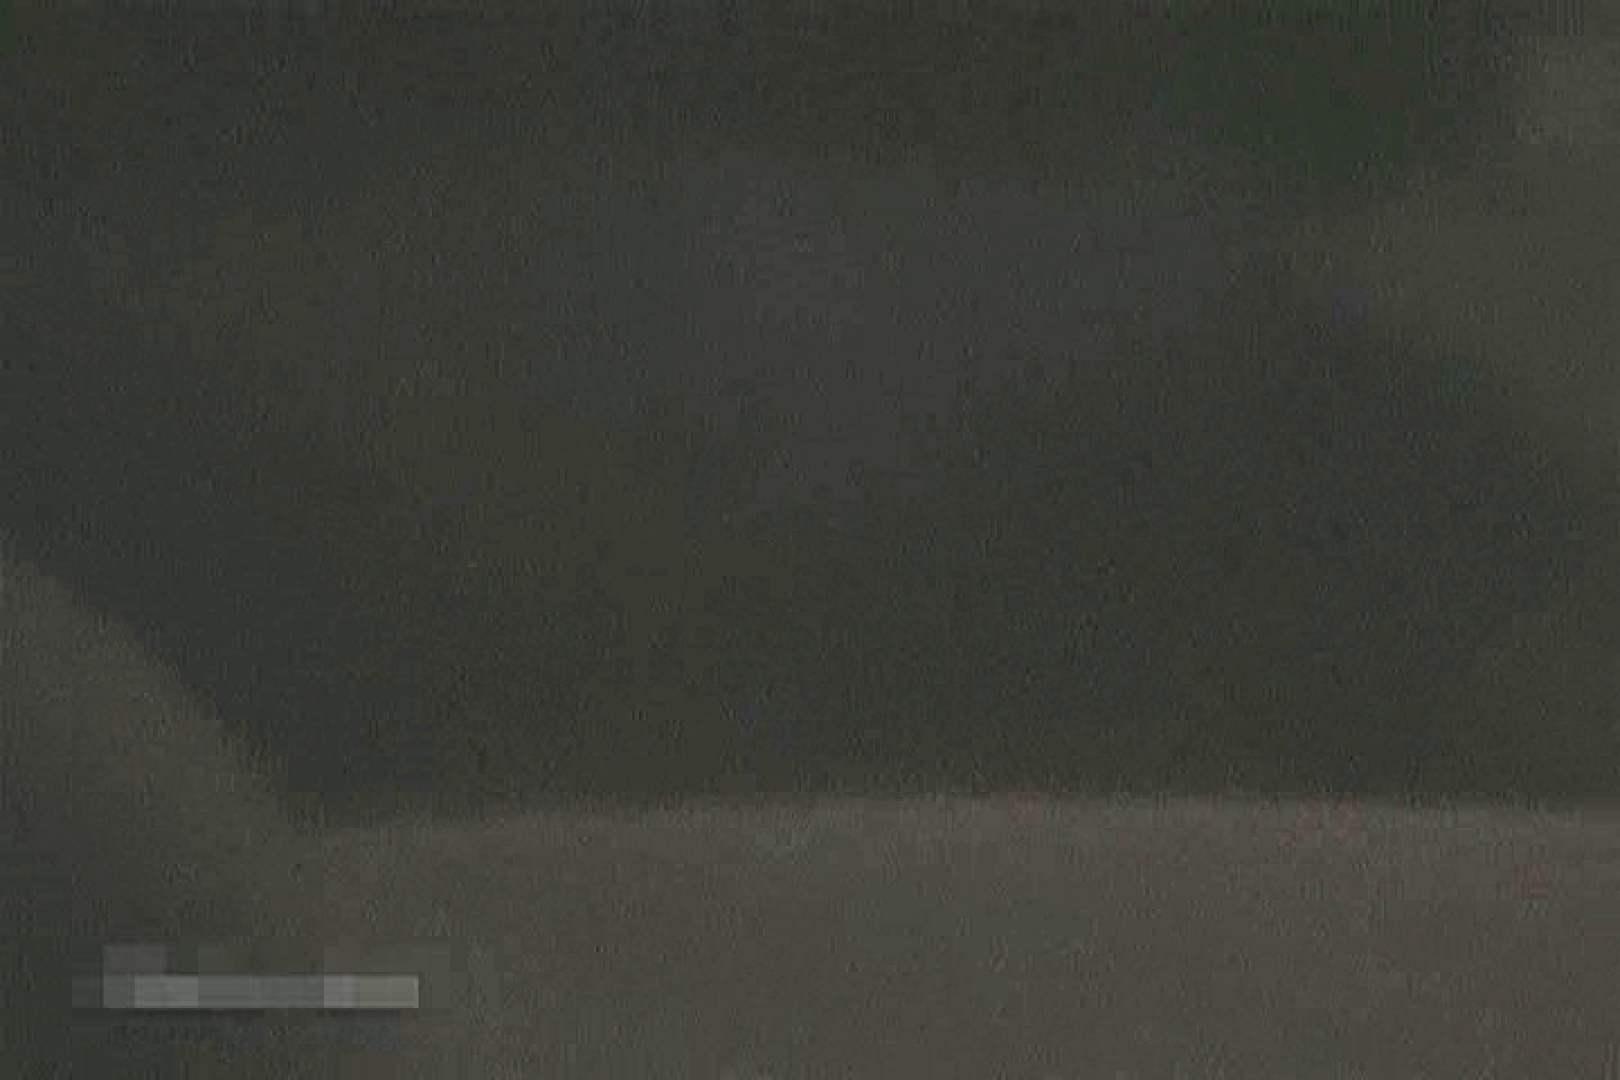 全裸で発情!!家族風呂の実態Vol.2 カップル記念日 エロ画像 107連発 4